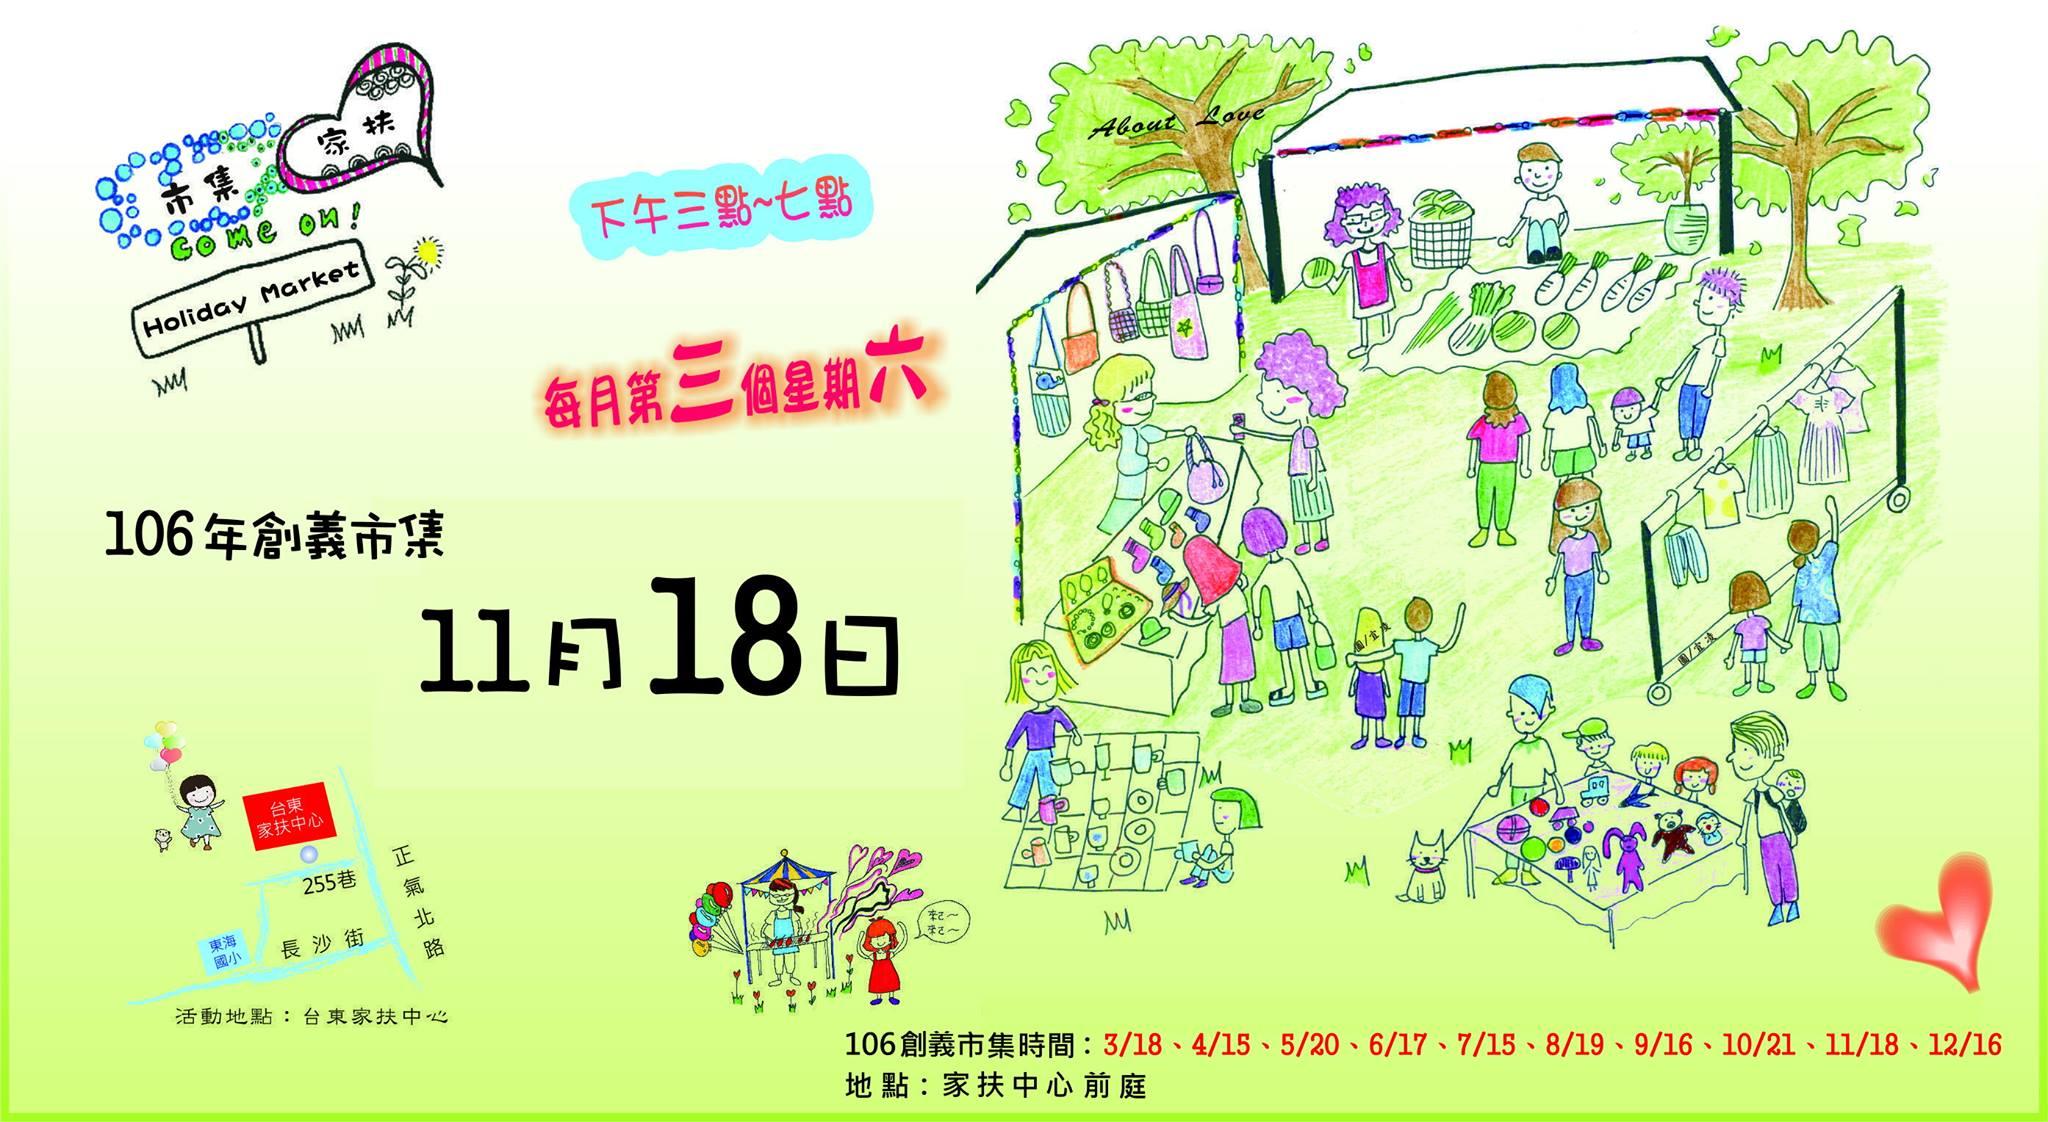 2017/11/18本週台東活動分享台東親子民宿貓追熊活動特搜